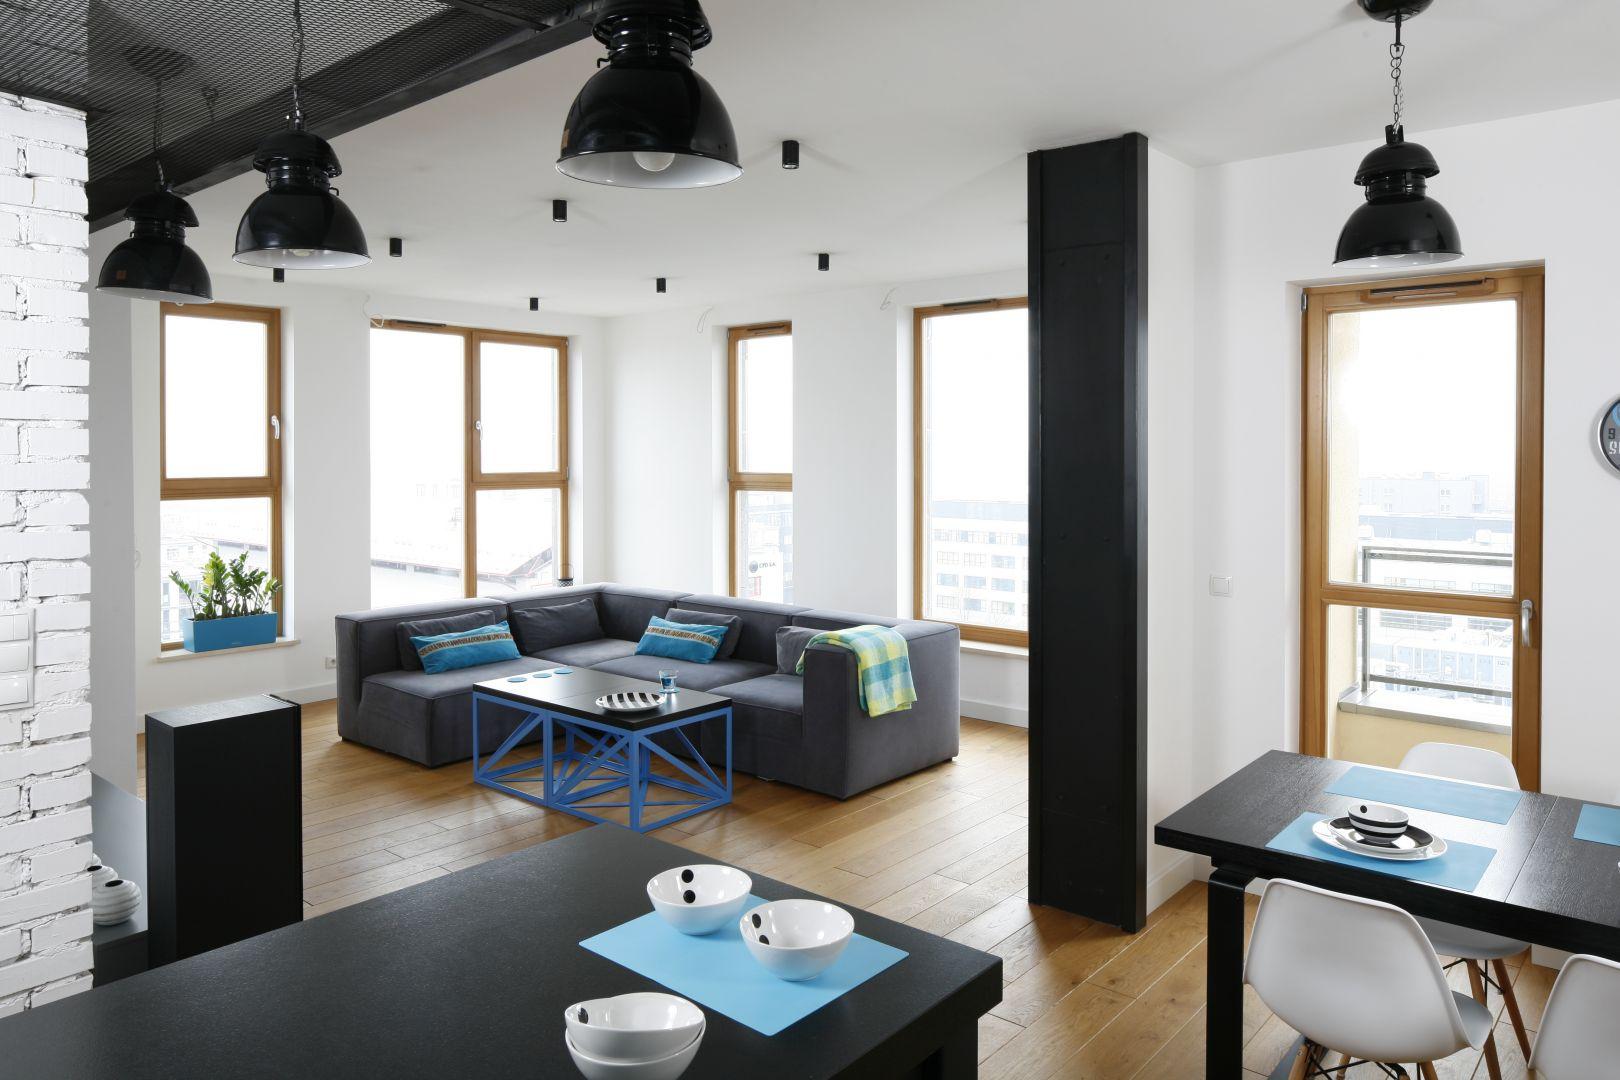 Salon z jadalnią zainspirowany stylistyką industrialną. Czarny stół połączono na zasadzie kontrastu z białymi krzesłami. Projekt: Monika i Adam Bronikowscy. Fot. Bartosz Jarosz